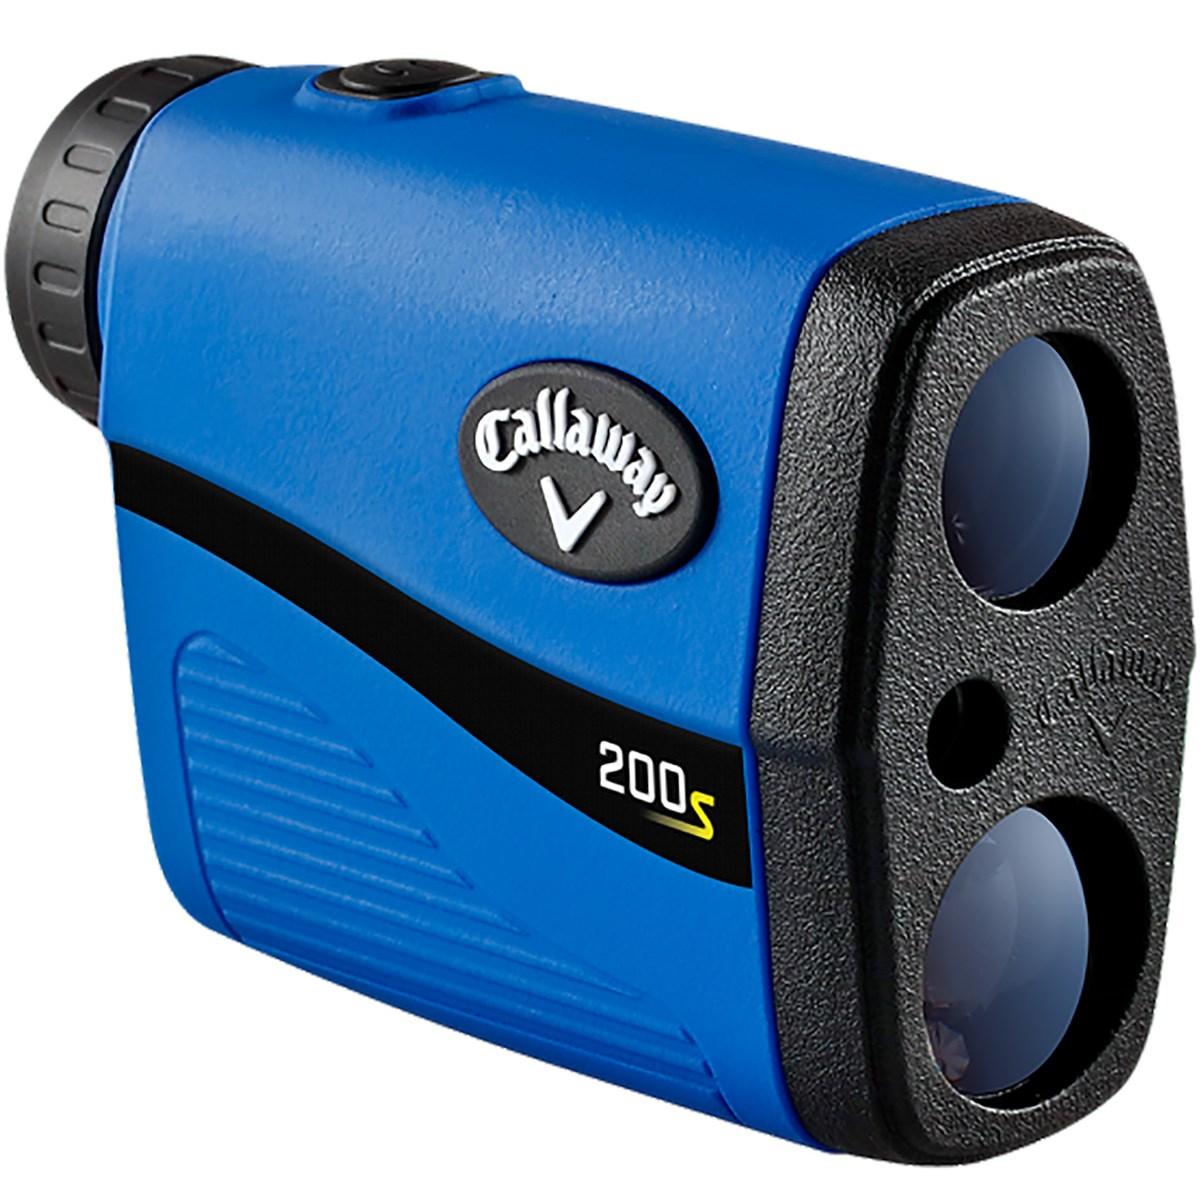 キャロウェイゴルフ(Callaway Golf) 200s LASER RANGEFINDER